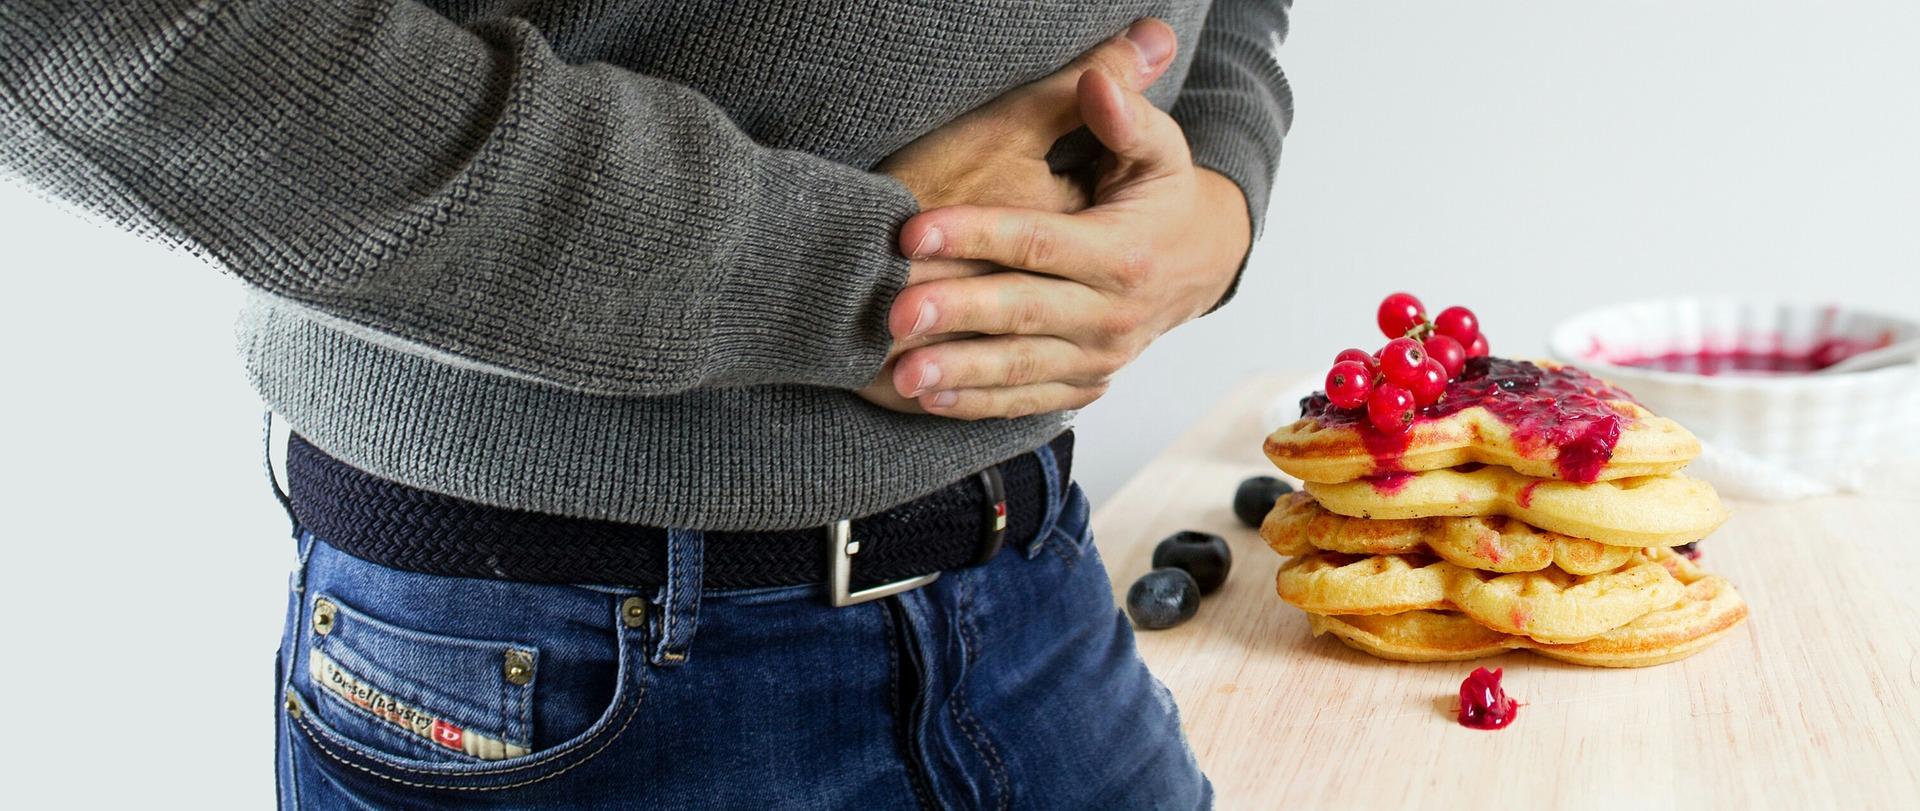 Symbolfoto Magen Gesundheit